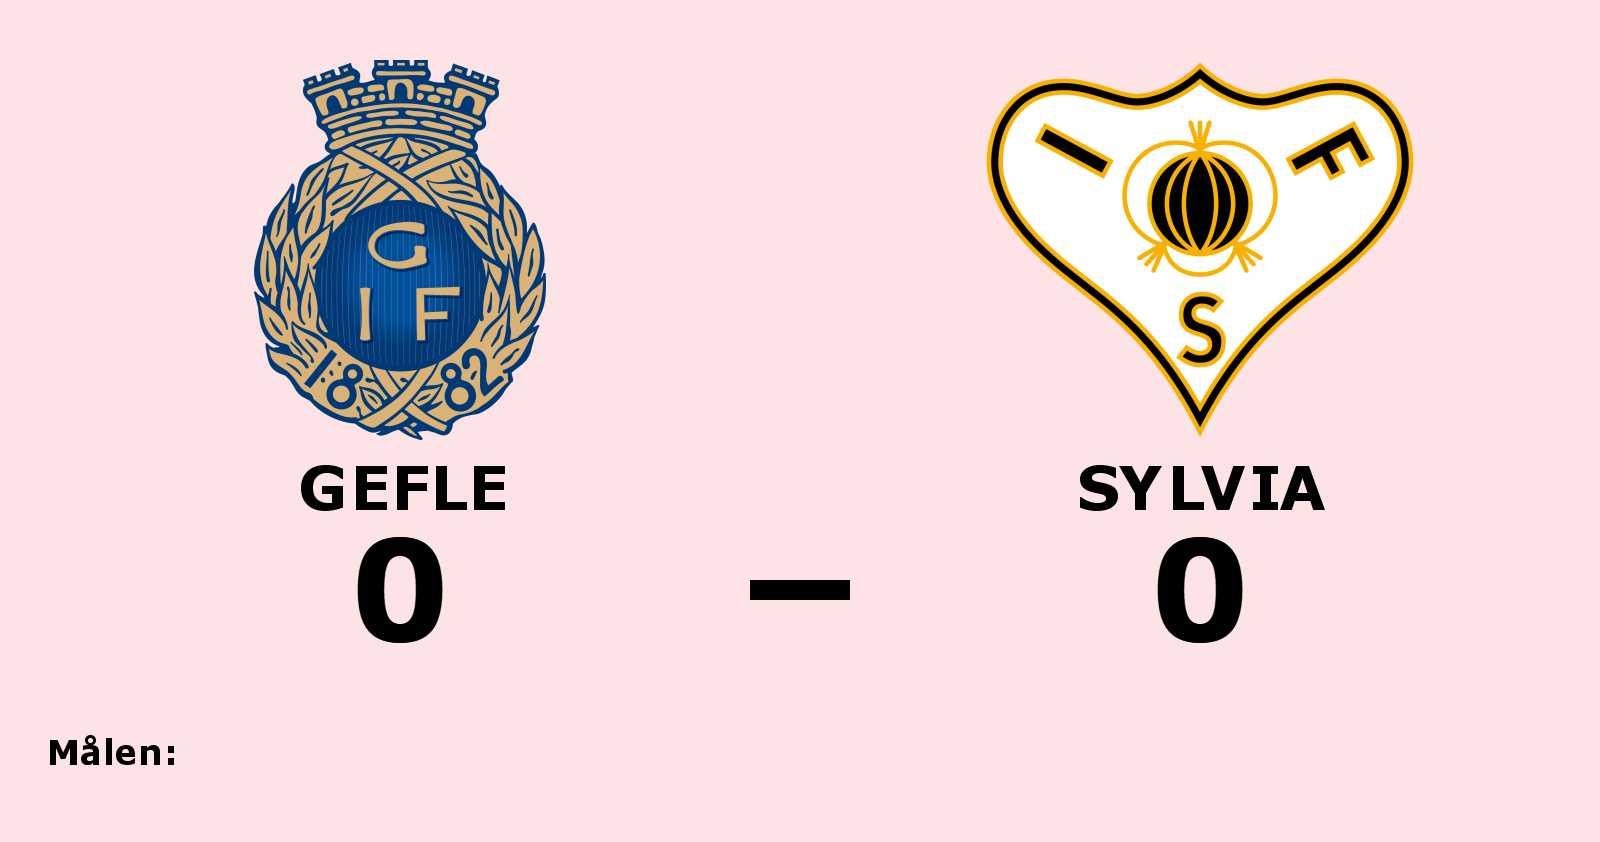 Gefle bröt Sylvia segersvit